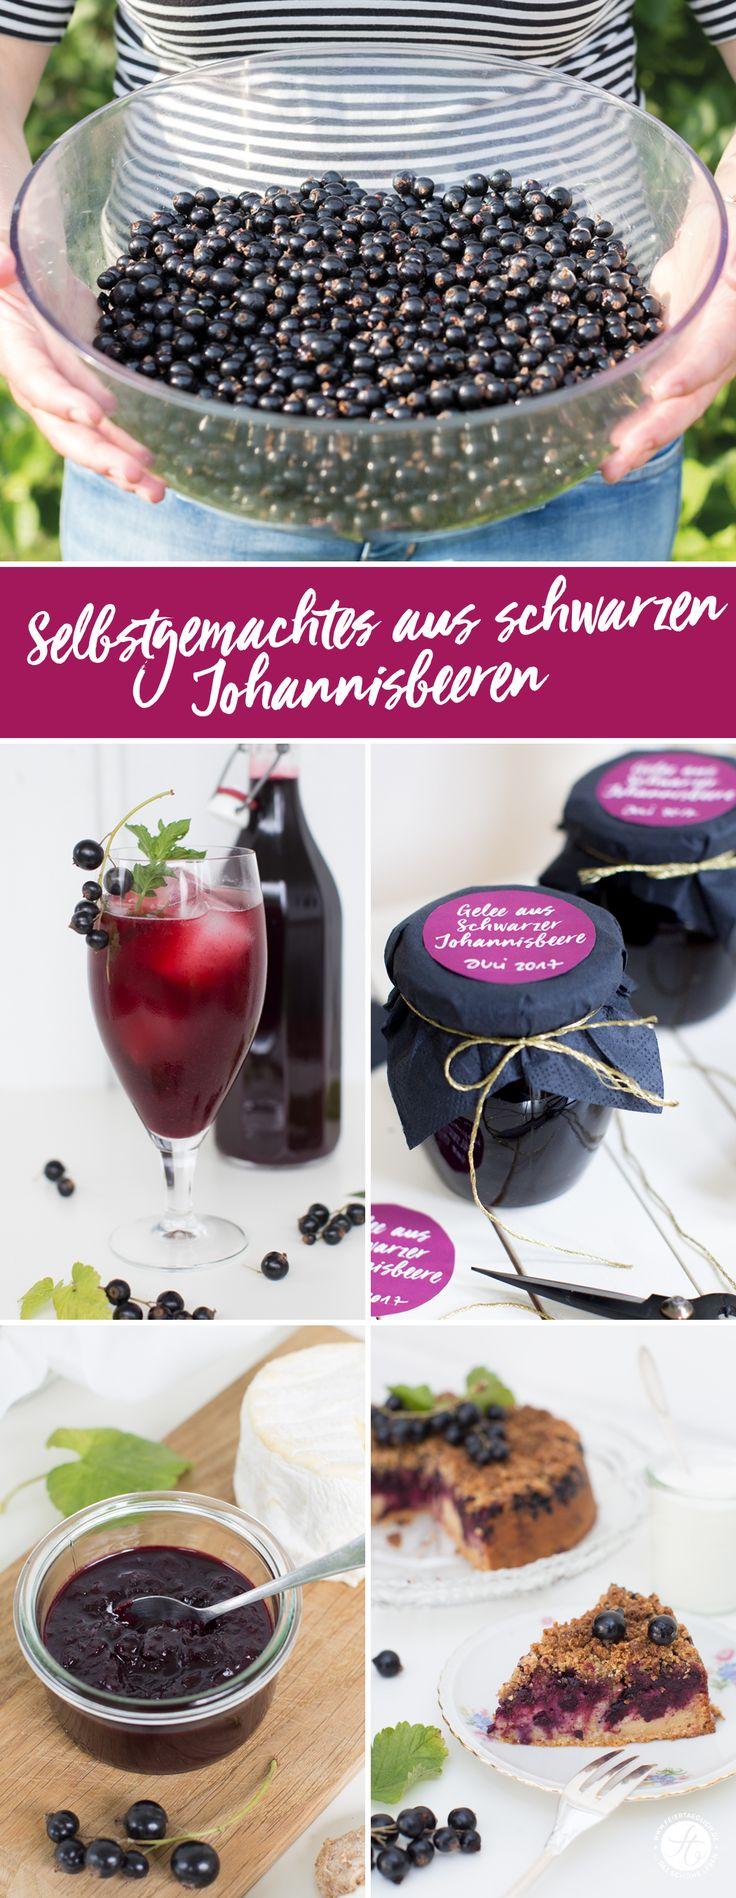 Selbstgemachtes aus schwarzen Johannisbeere: Rezepte für Johannisbeer-Ingwer-Chutney, Johannisbeersaft & Johannisbeergelee